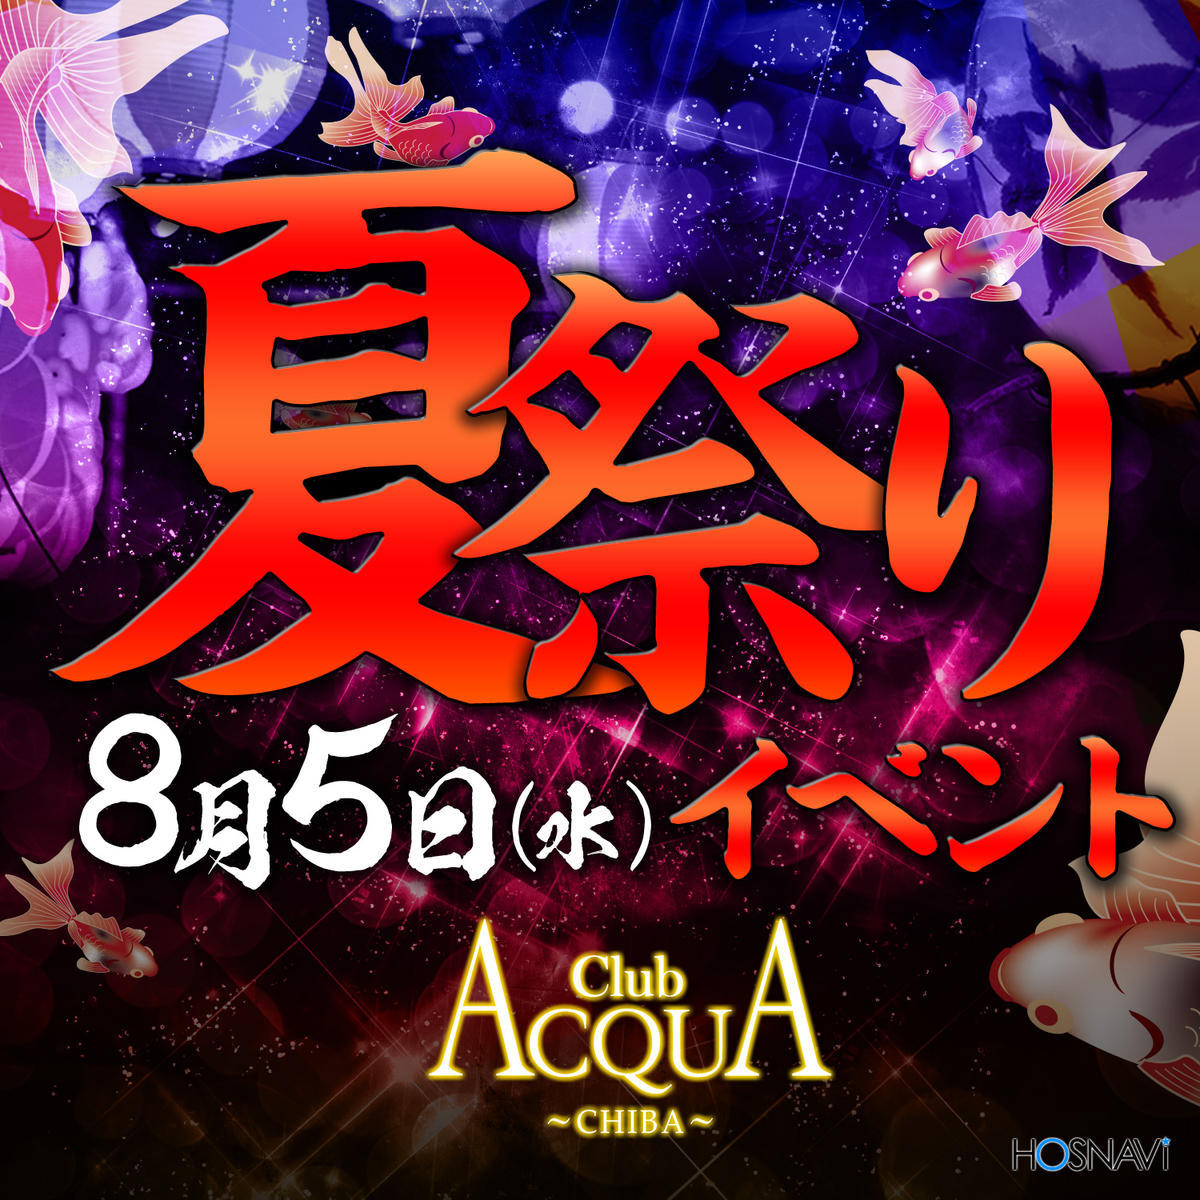 千葉ACQUA ~CHIBA~のイベント「夏祭り」のポスターデザイン